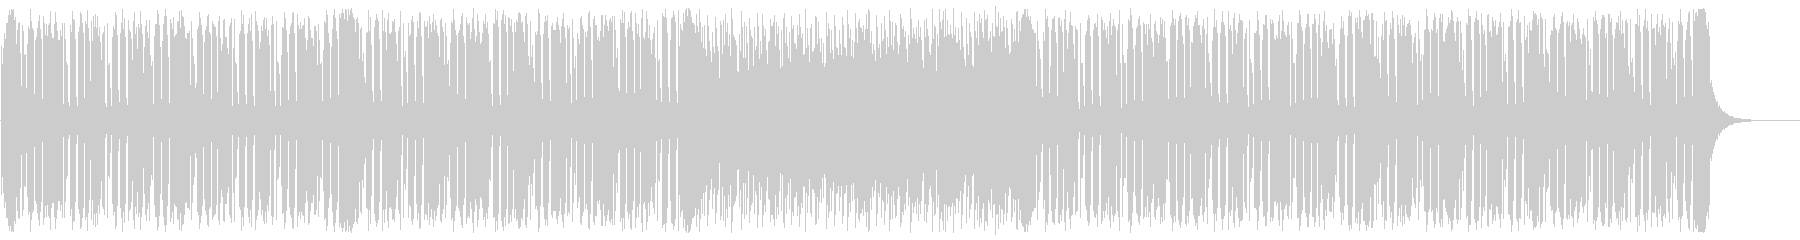 スタイリッシュなフューチャーベースの未再生の波形